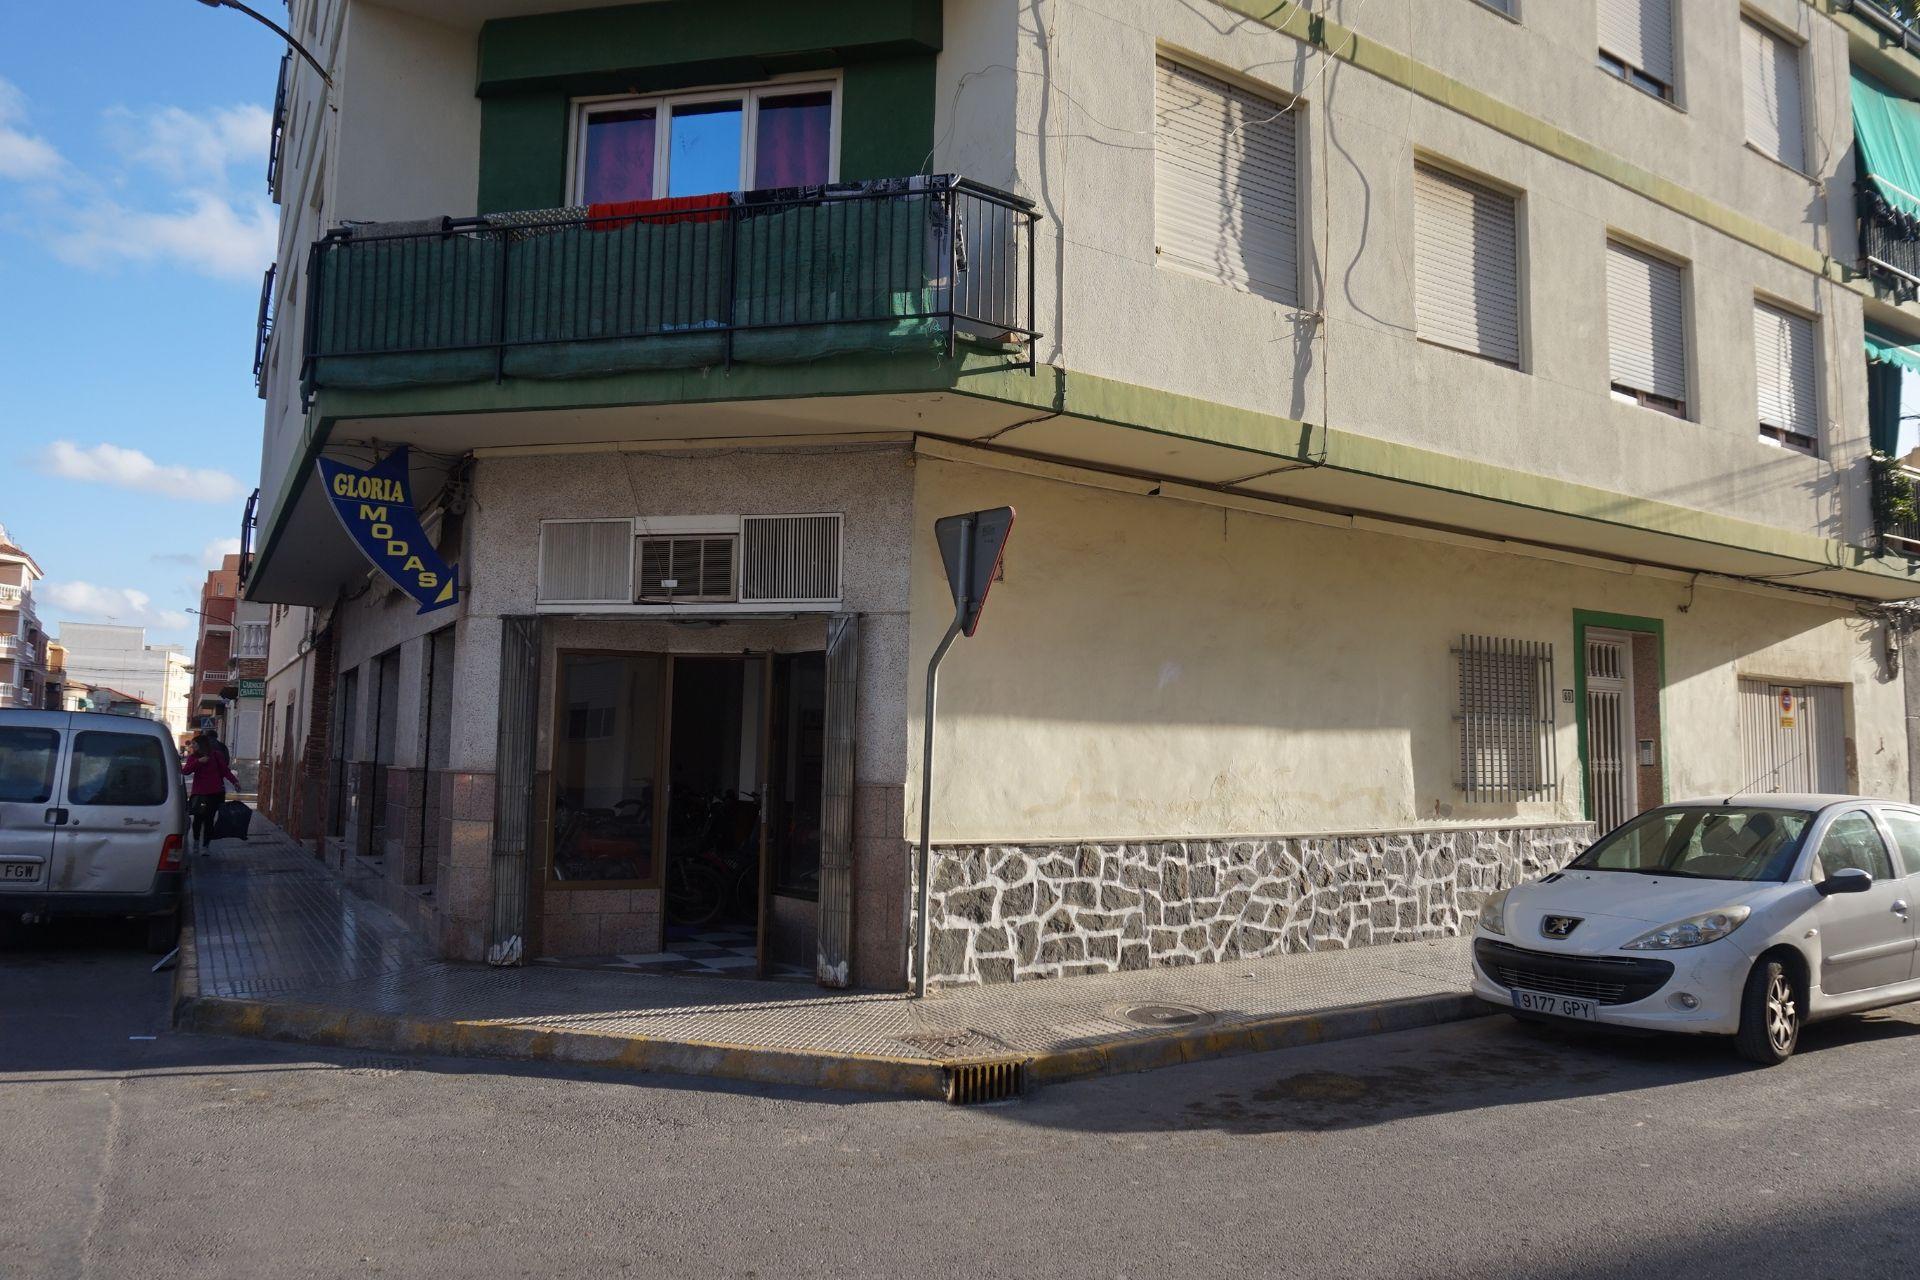 Forretningslokale i Almoradí, Manuel de Torres, salg